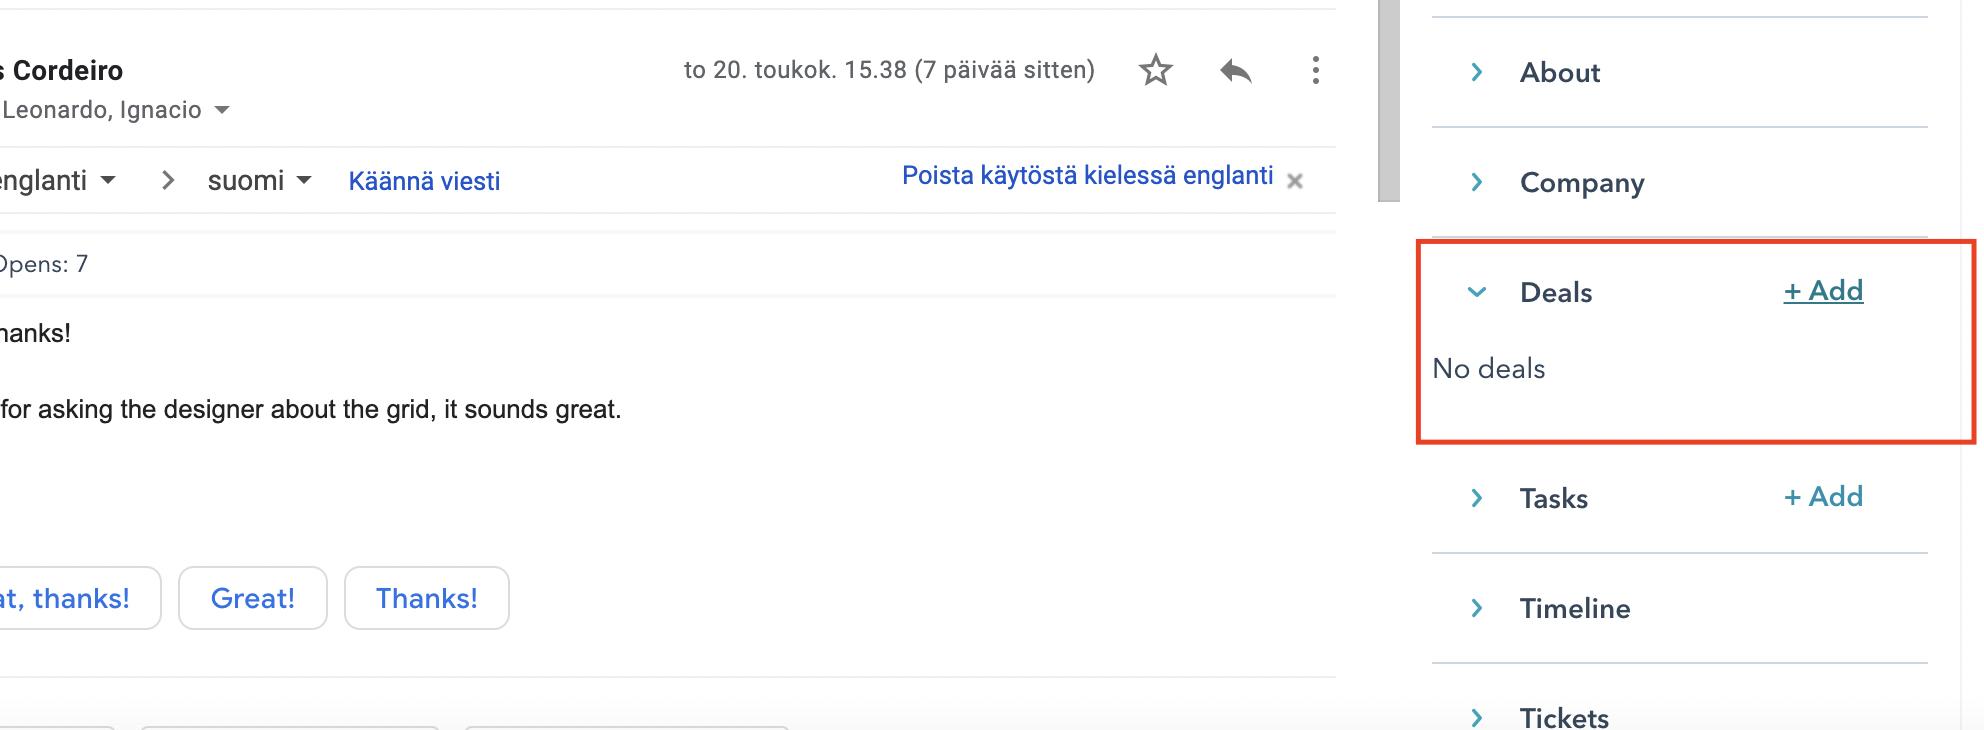 Create HubSpot deals from Gmail